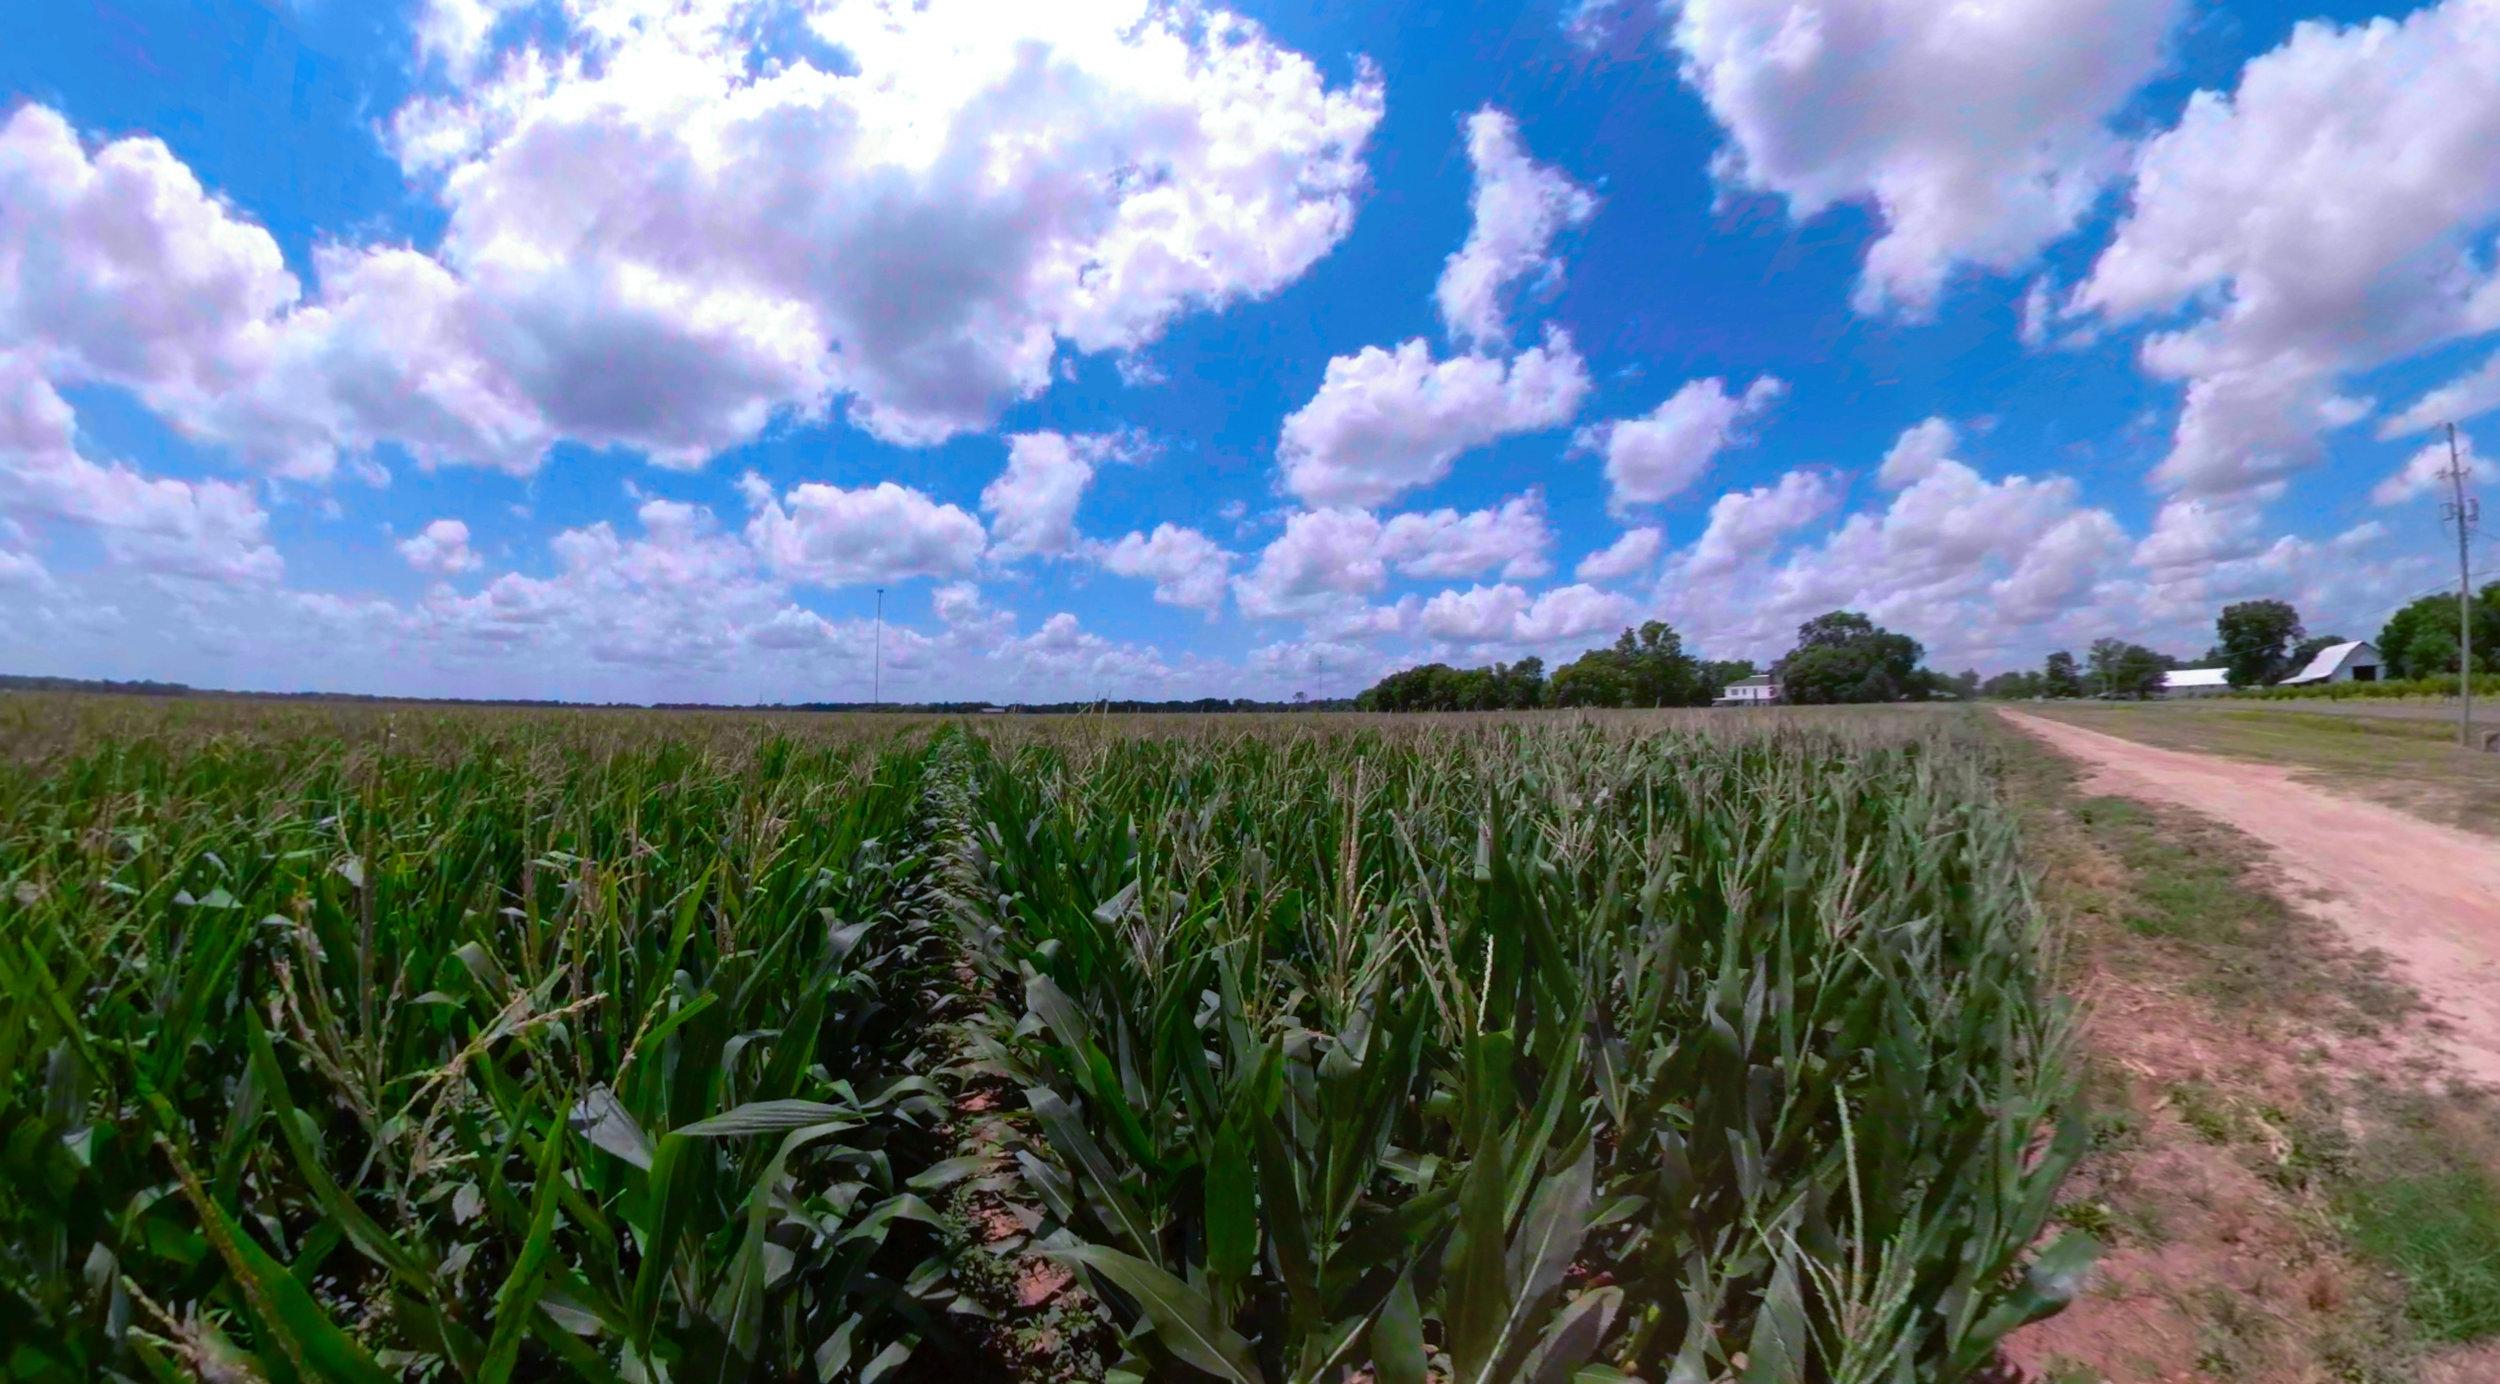 Cornfield at Lynn Farms on Hwy 3049.